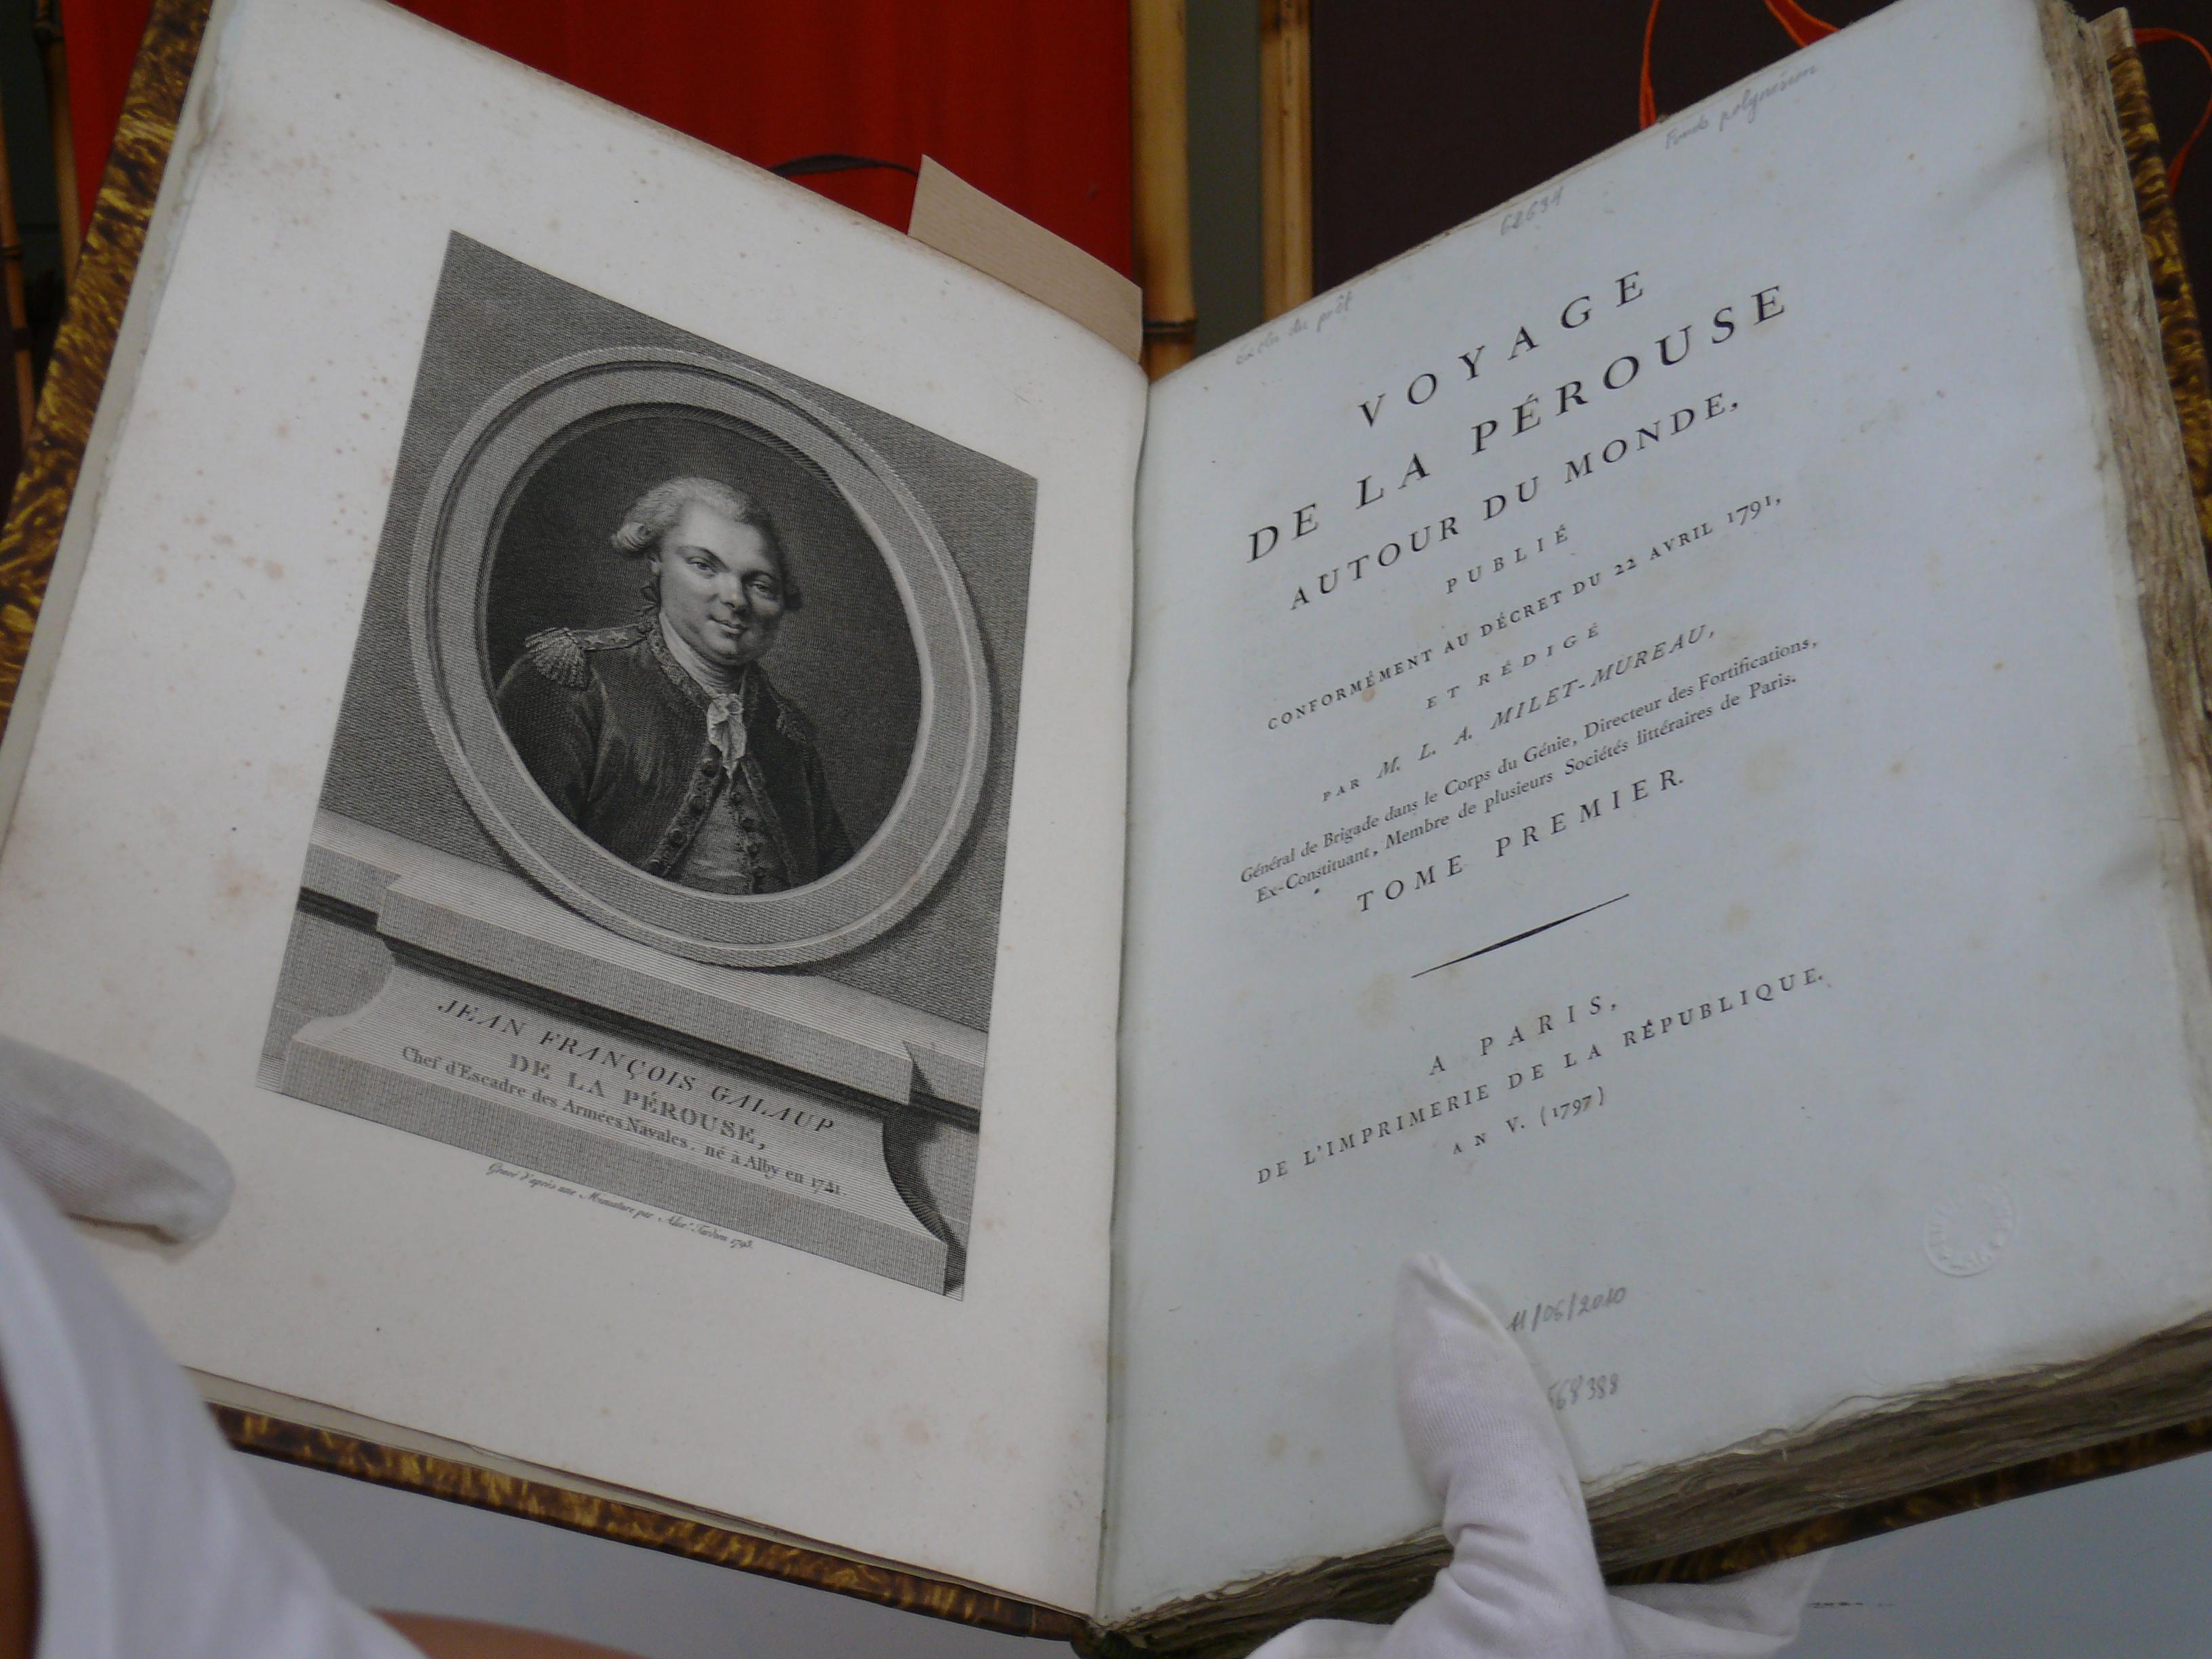 La Bibliothèque universitaire dévoile son fonds patrimonial polynésien